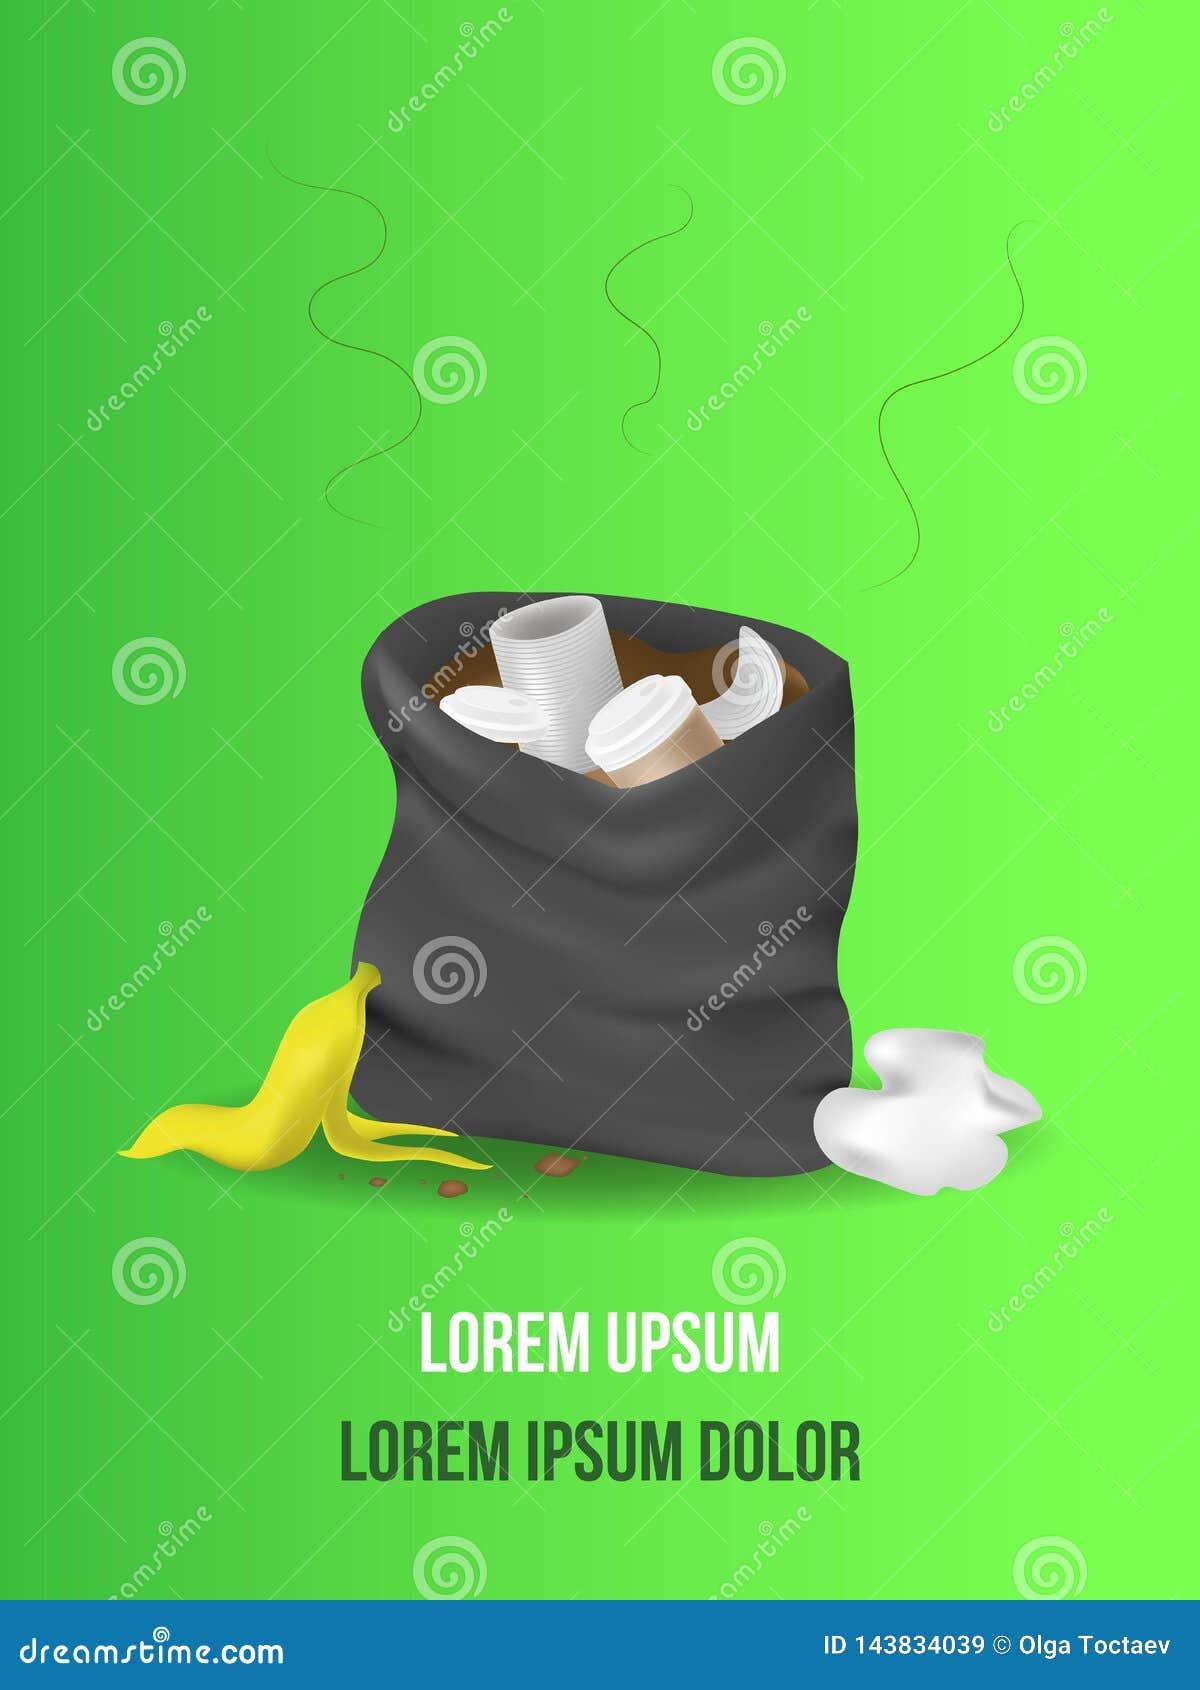 Svart ?ppen avskr?dep?se s?cken rackar ner p? sackful avfall kull skala fr?n bananen, metall kan, skrynkligt papper, papperskopp